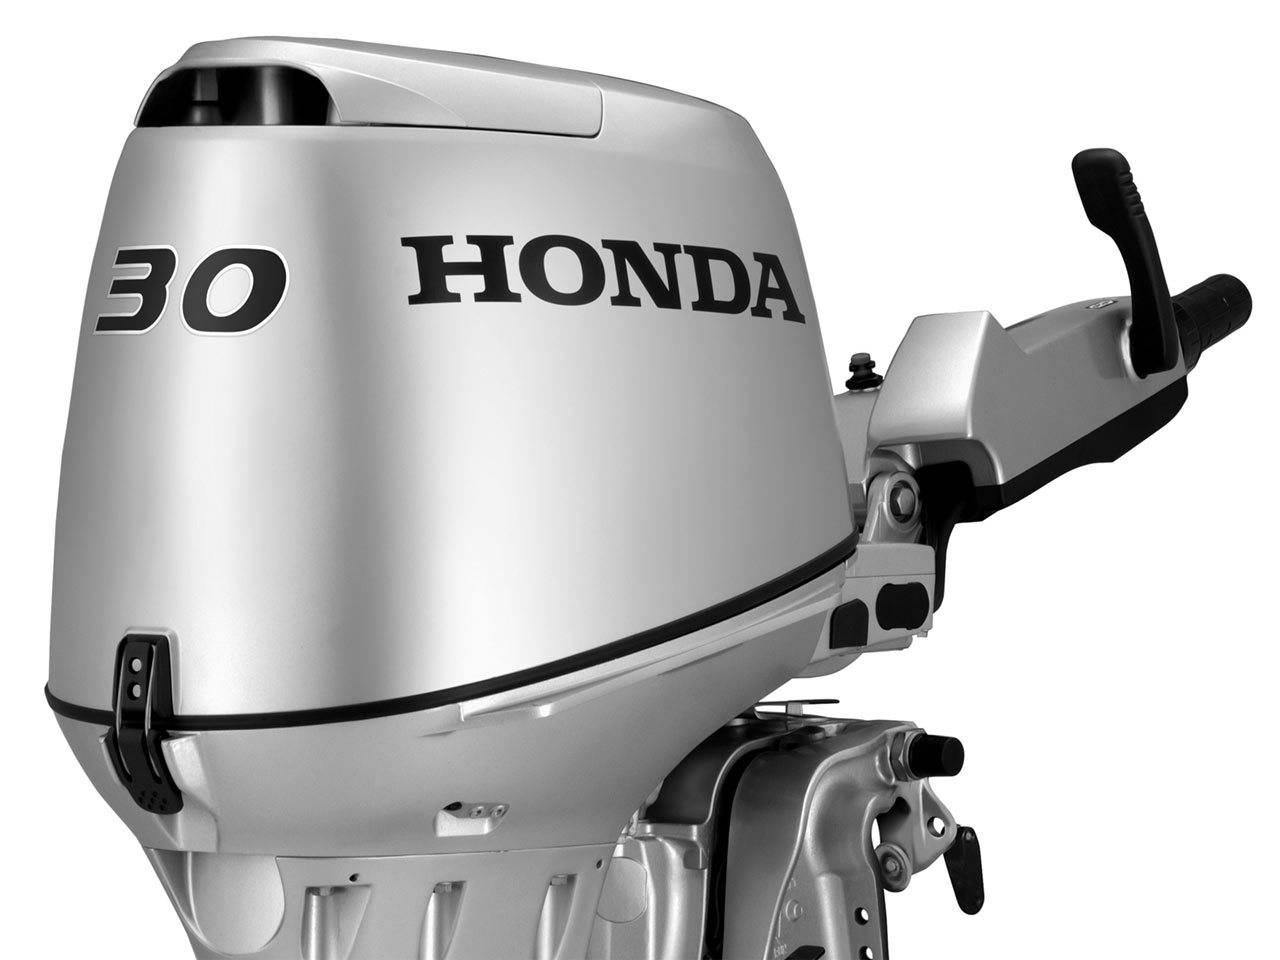 Топ-10 лучших бензиновых моторов | рейтинги, списки - топ-10